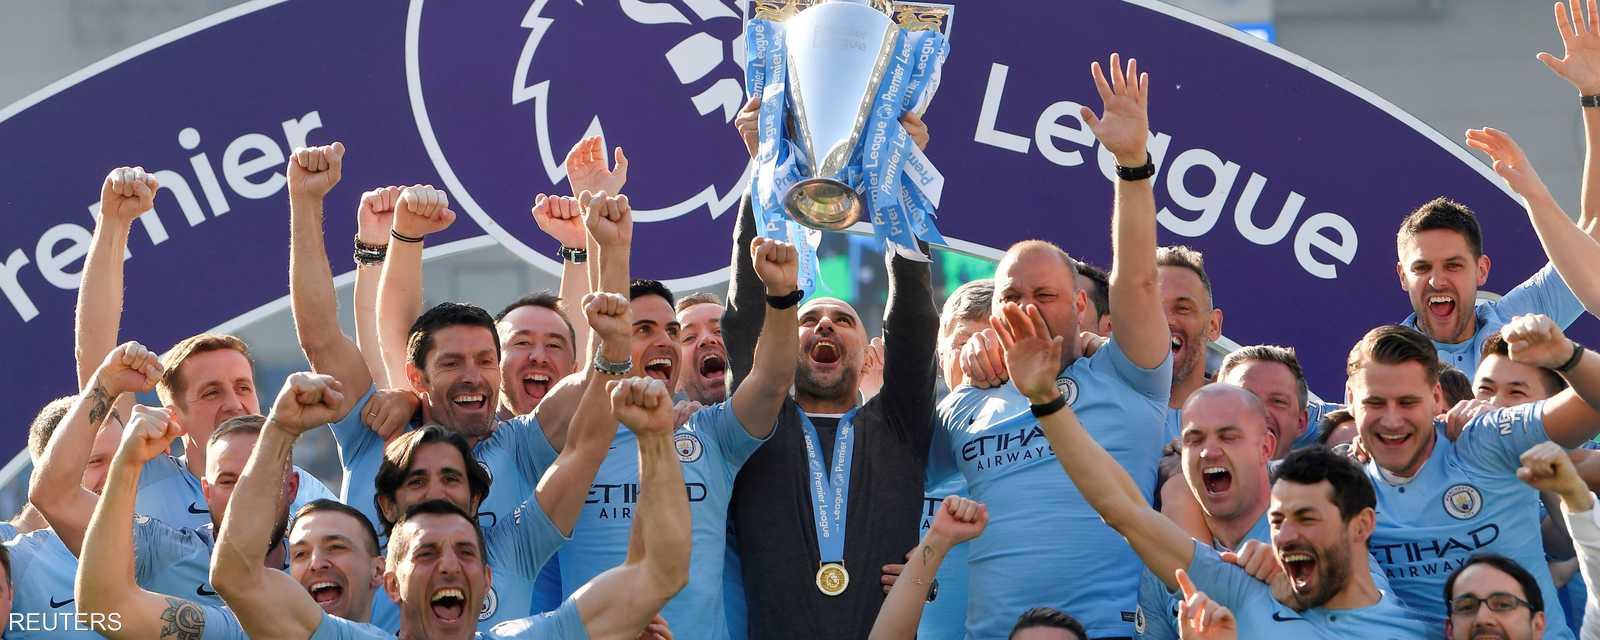 عناصر فريق مانشستر سيتي يحتفلون بالفوز